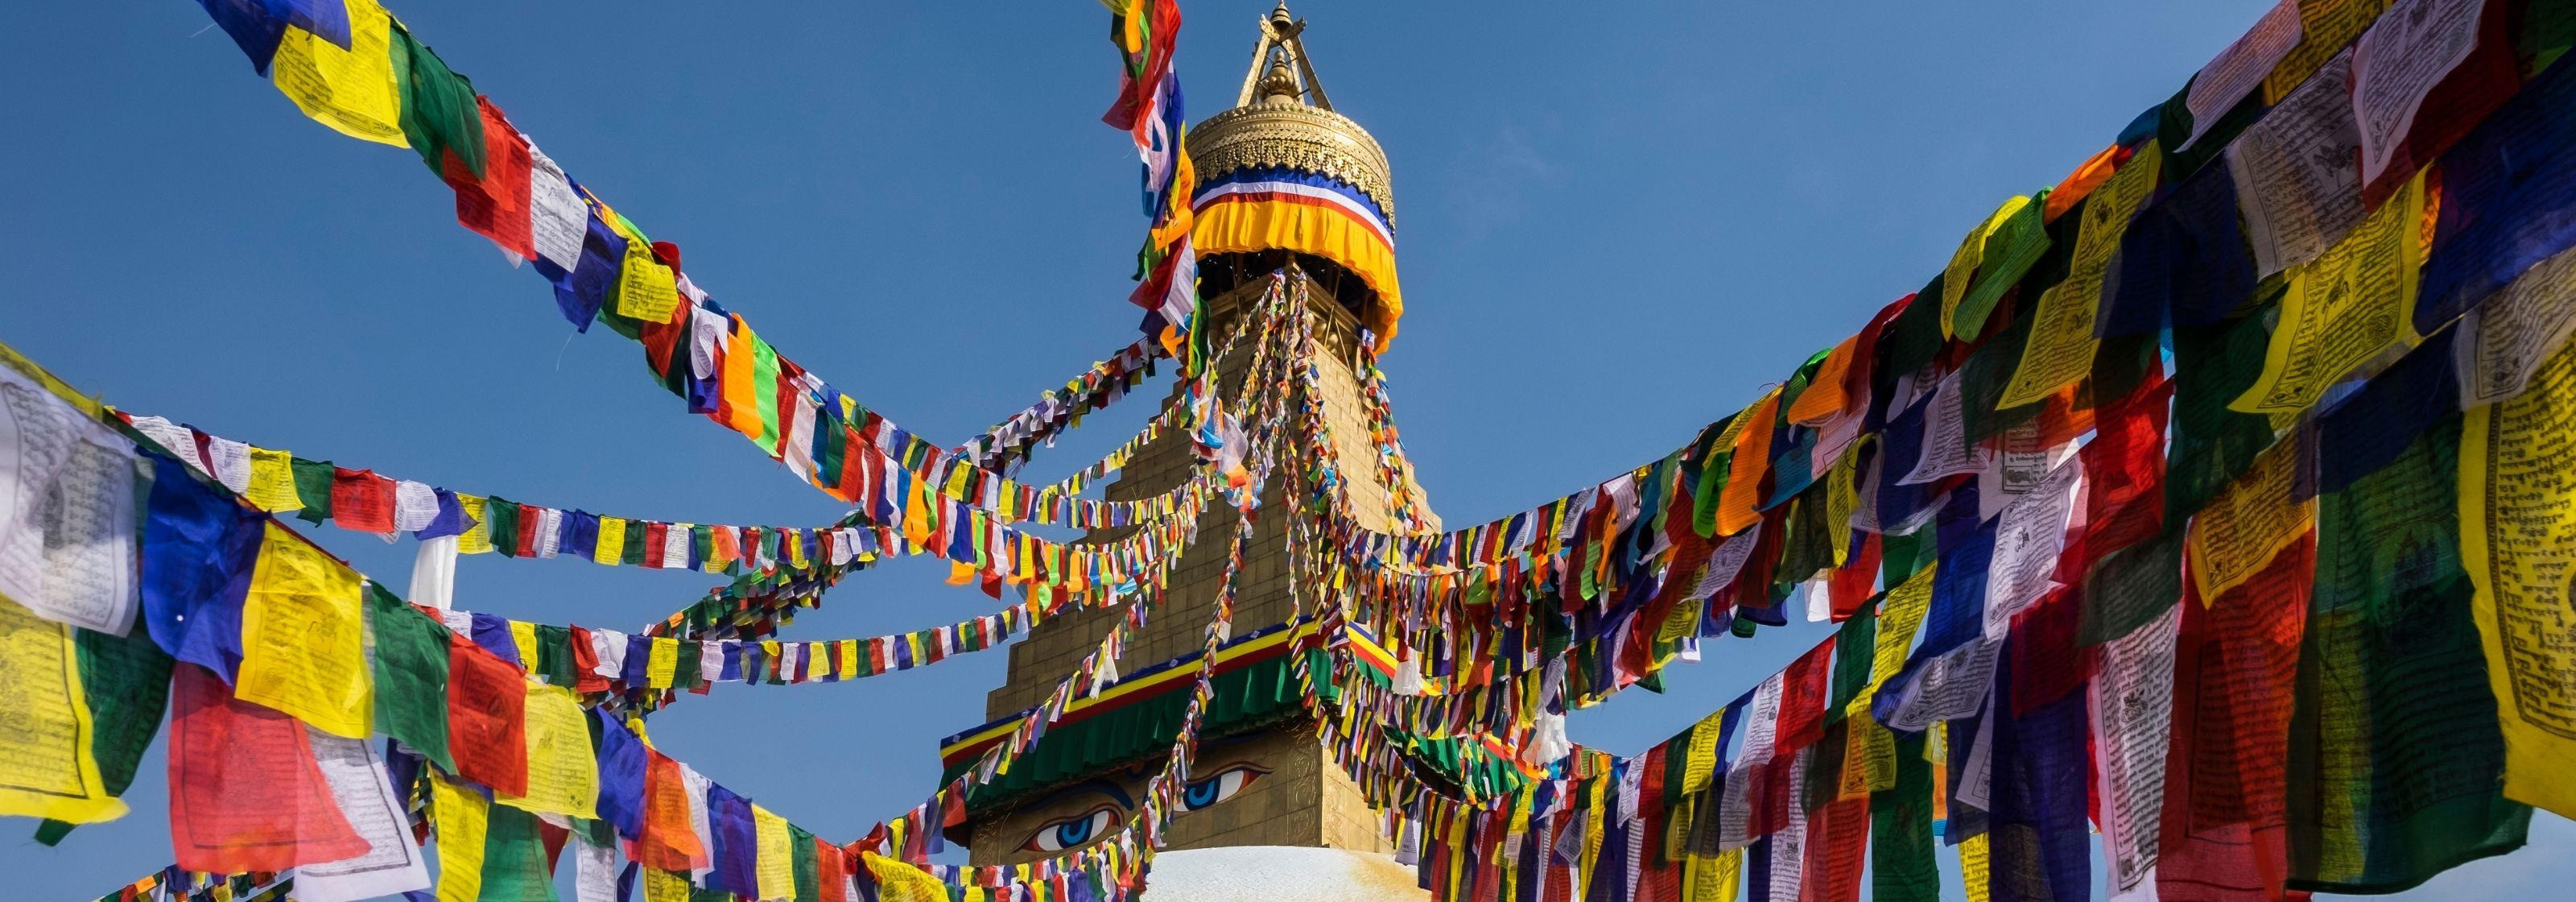 Cose da fare a Katmandu